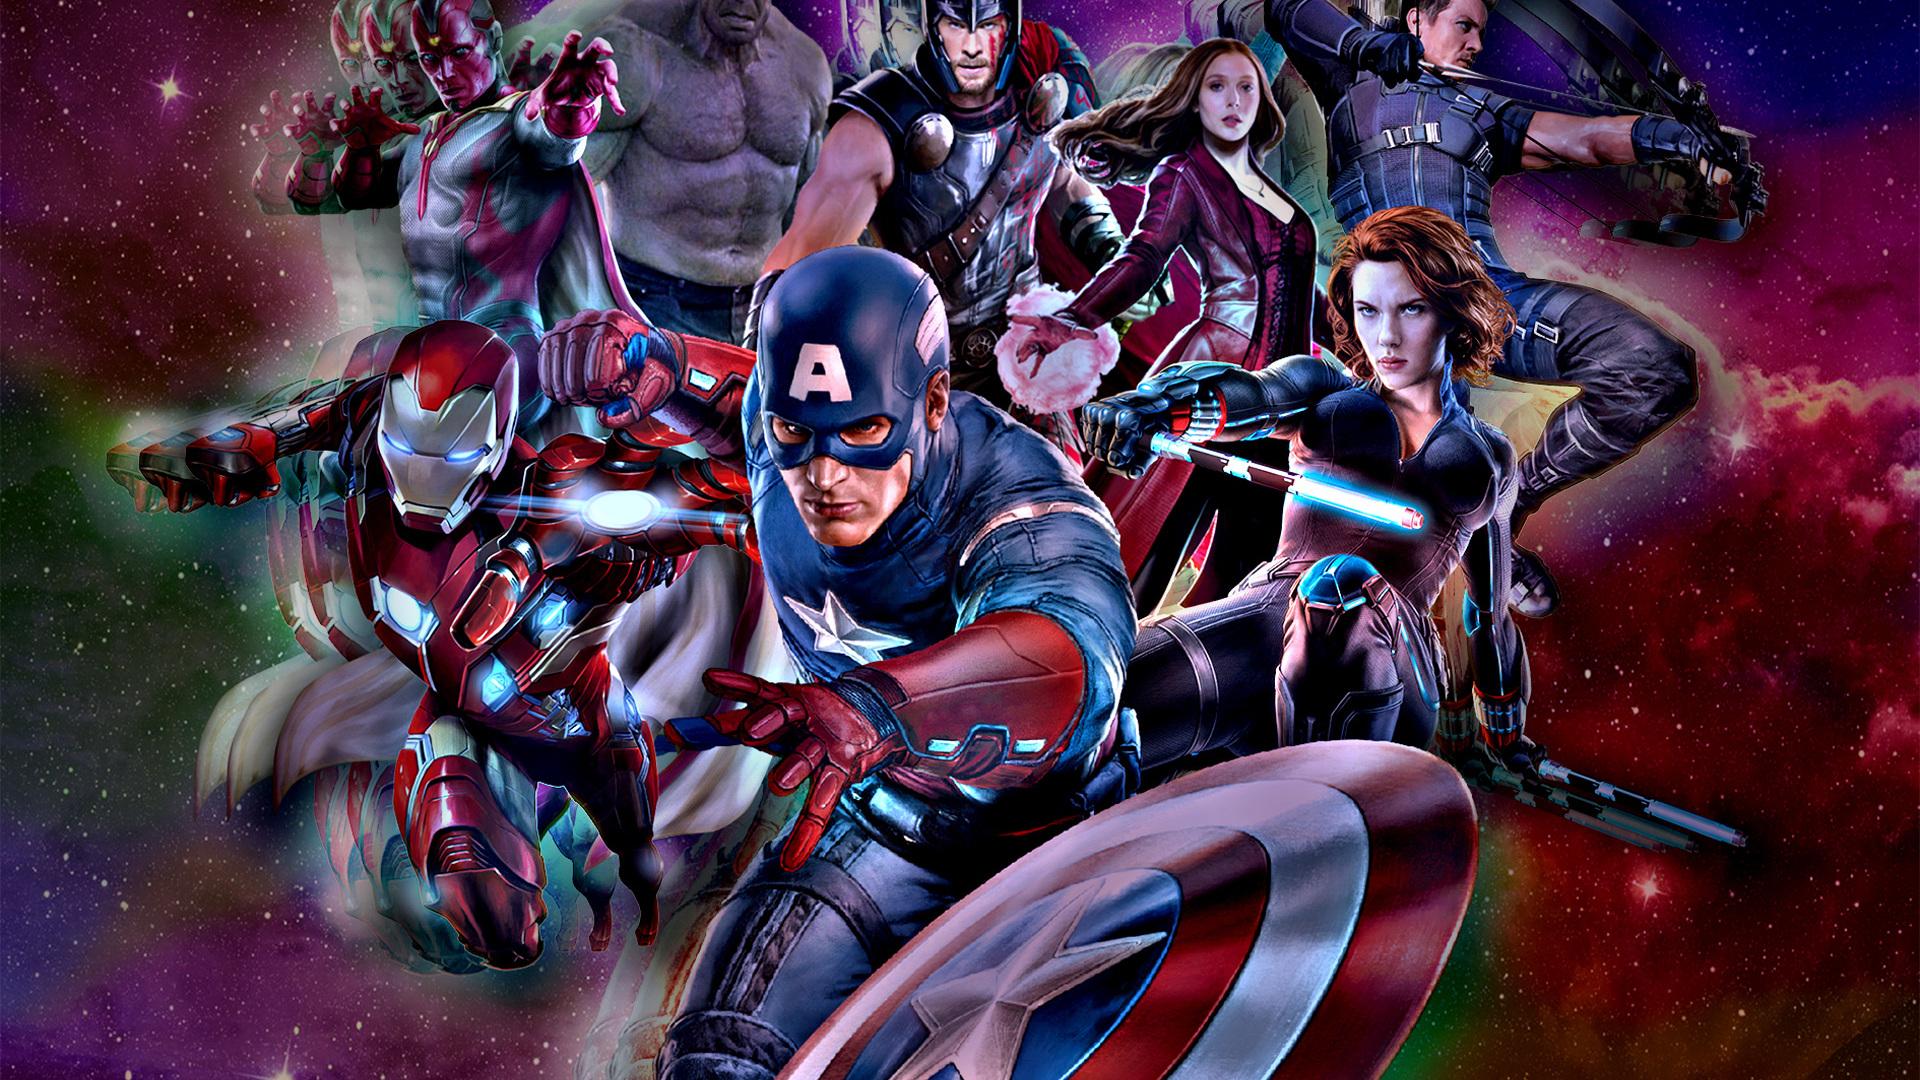 1920x1080 The Avengers Marvel Comics Laptop Full HD 1080P ...